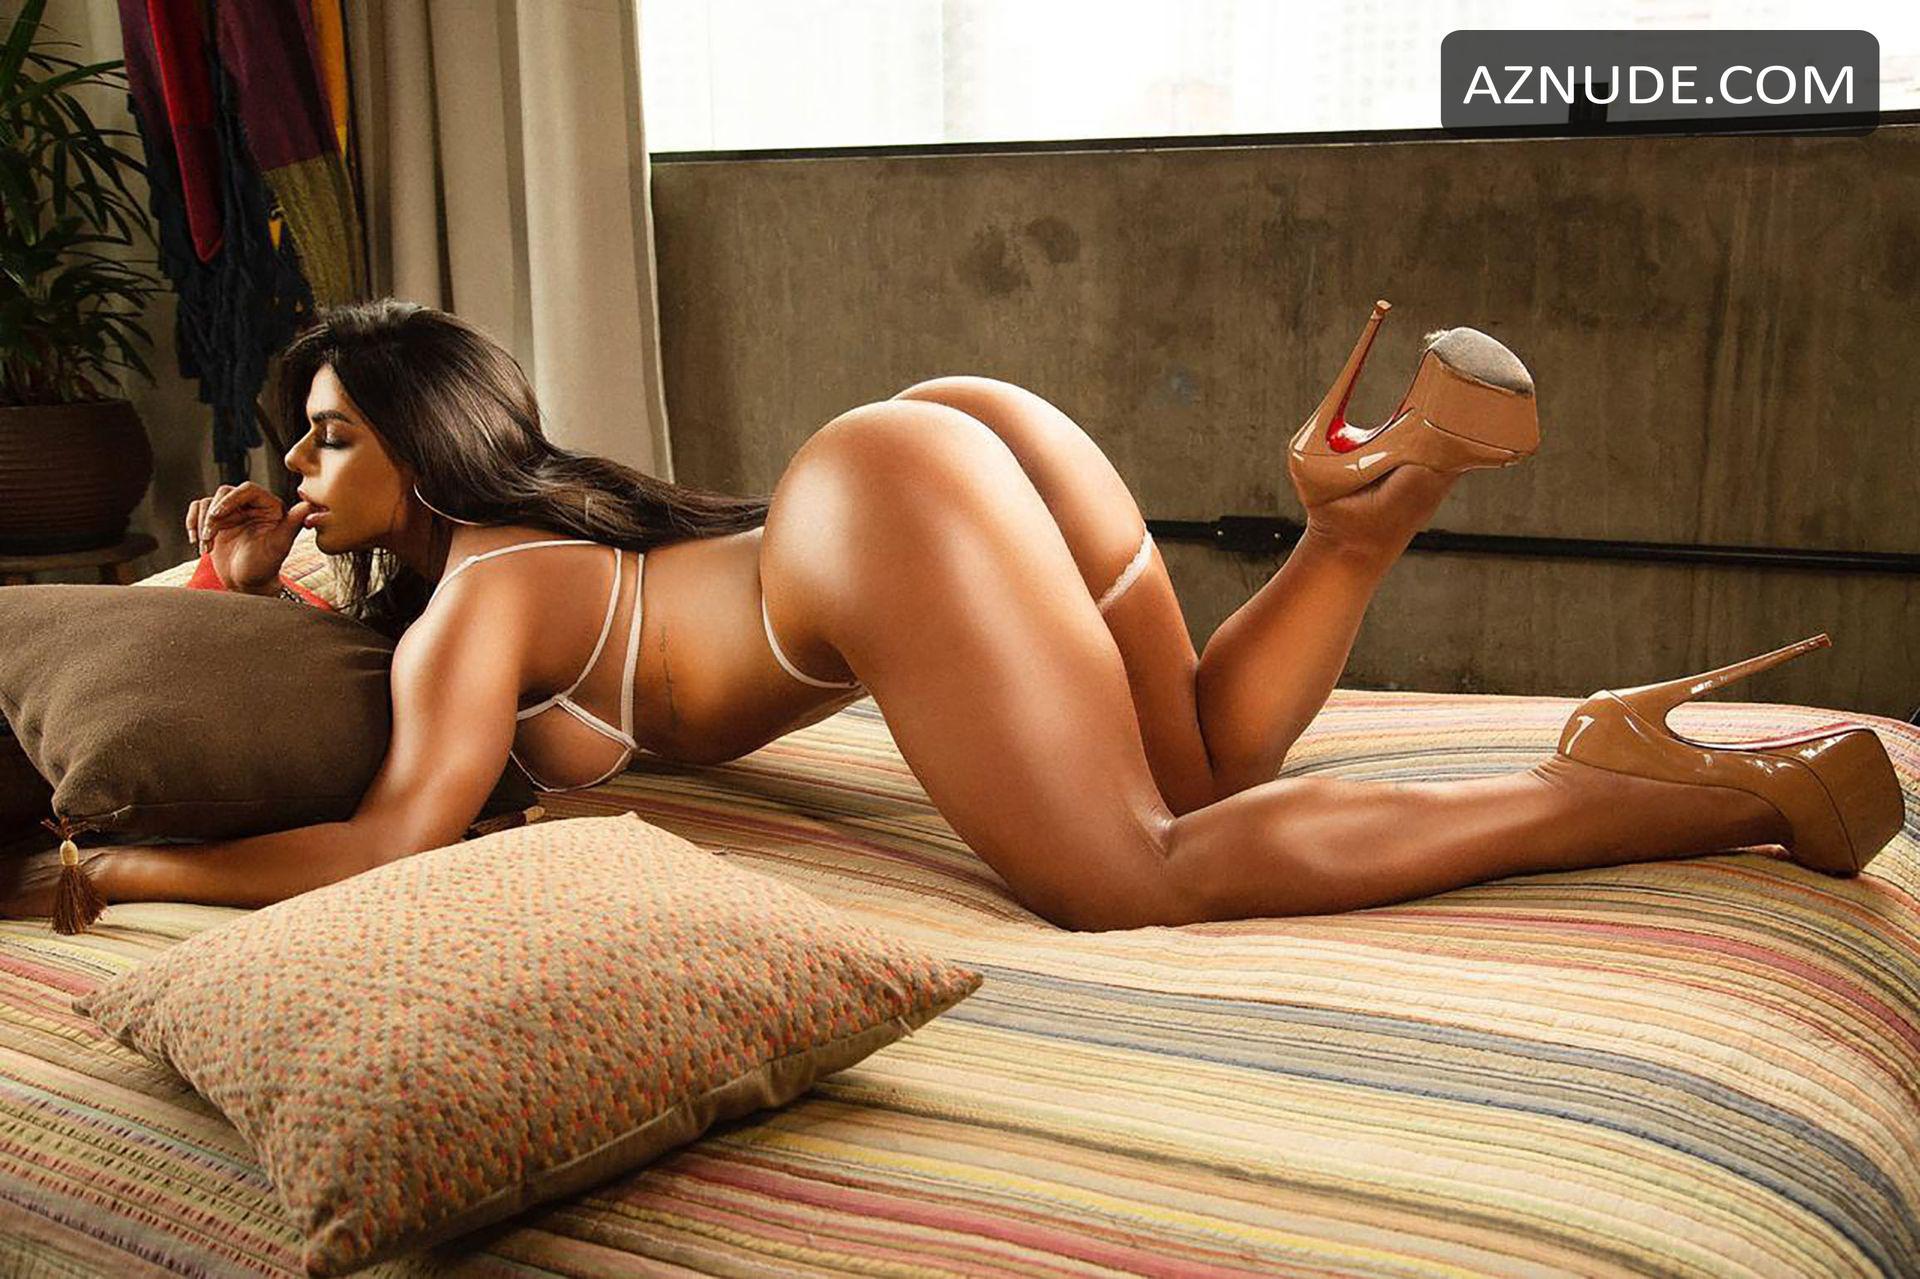 Cortez nude suzy Suzy Cortez